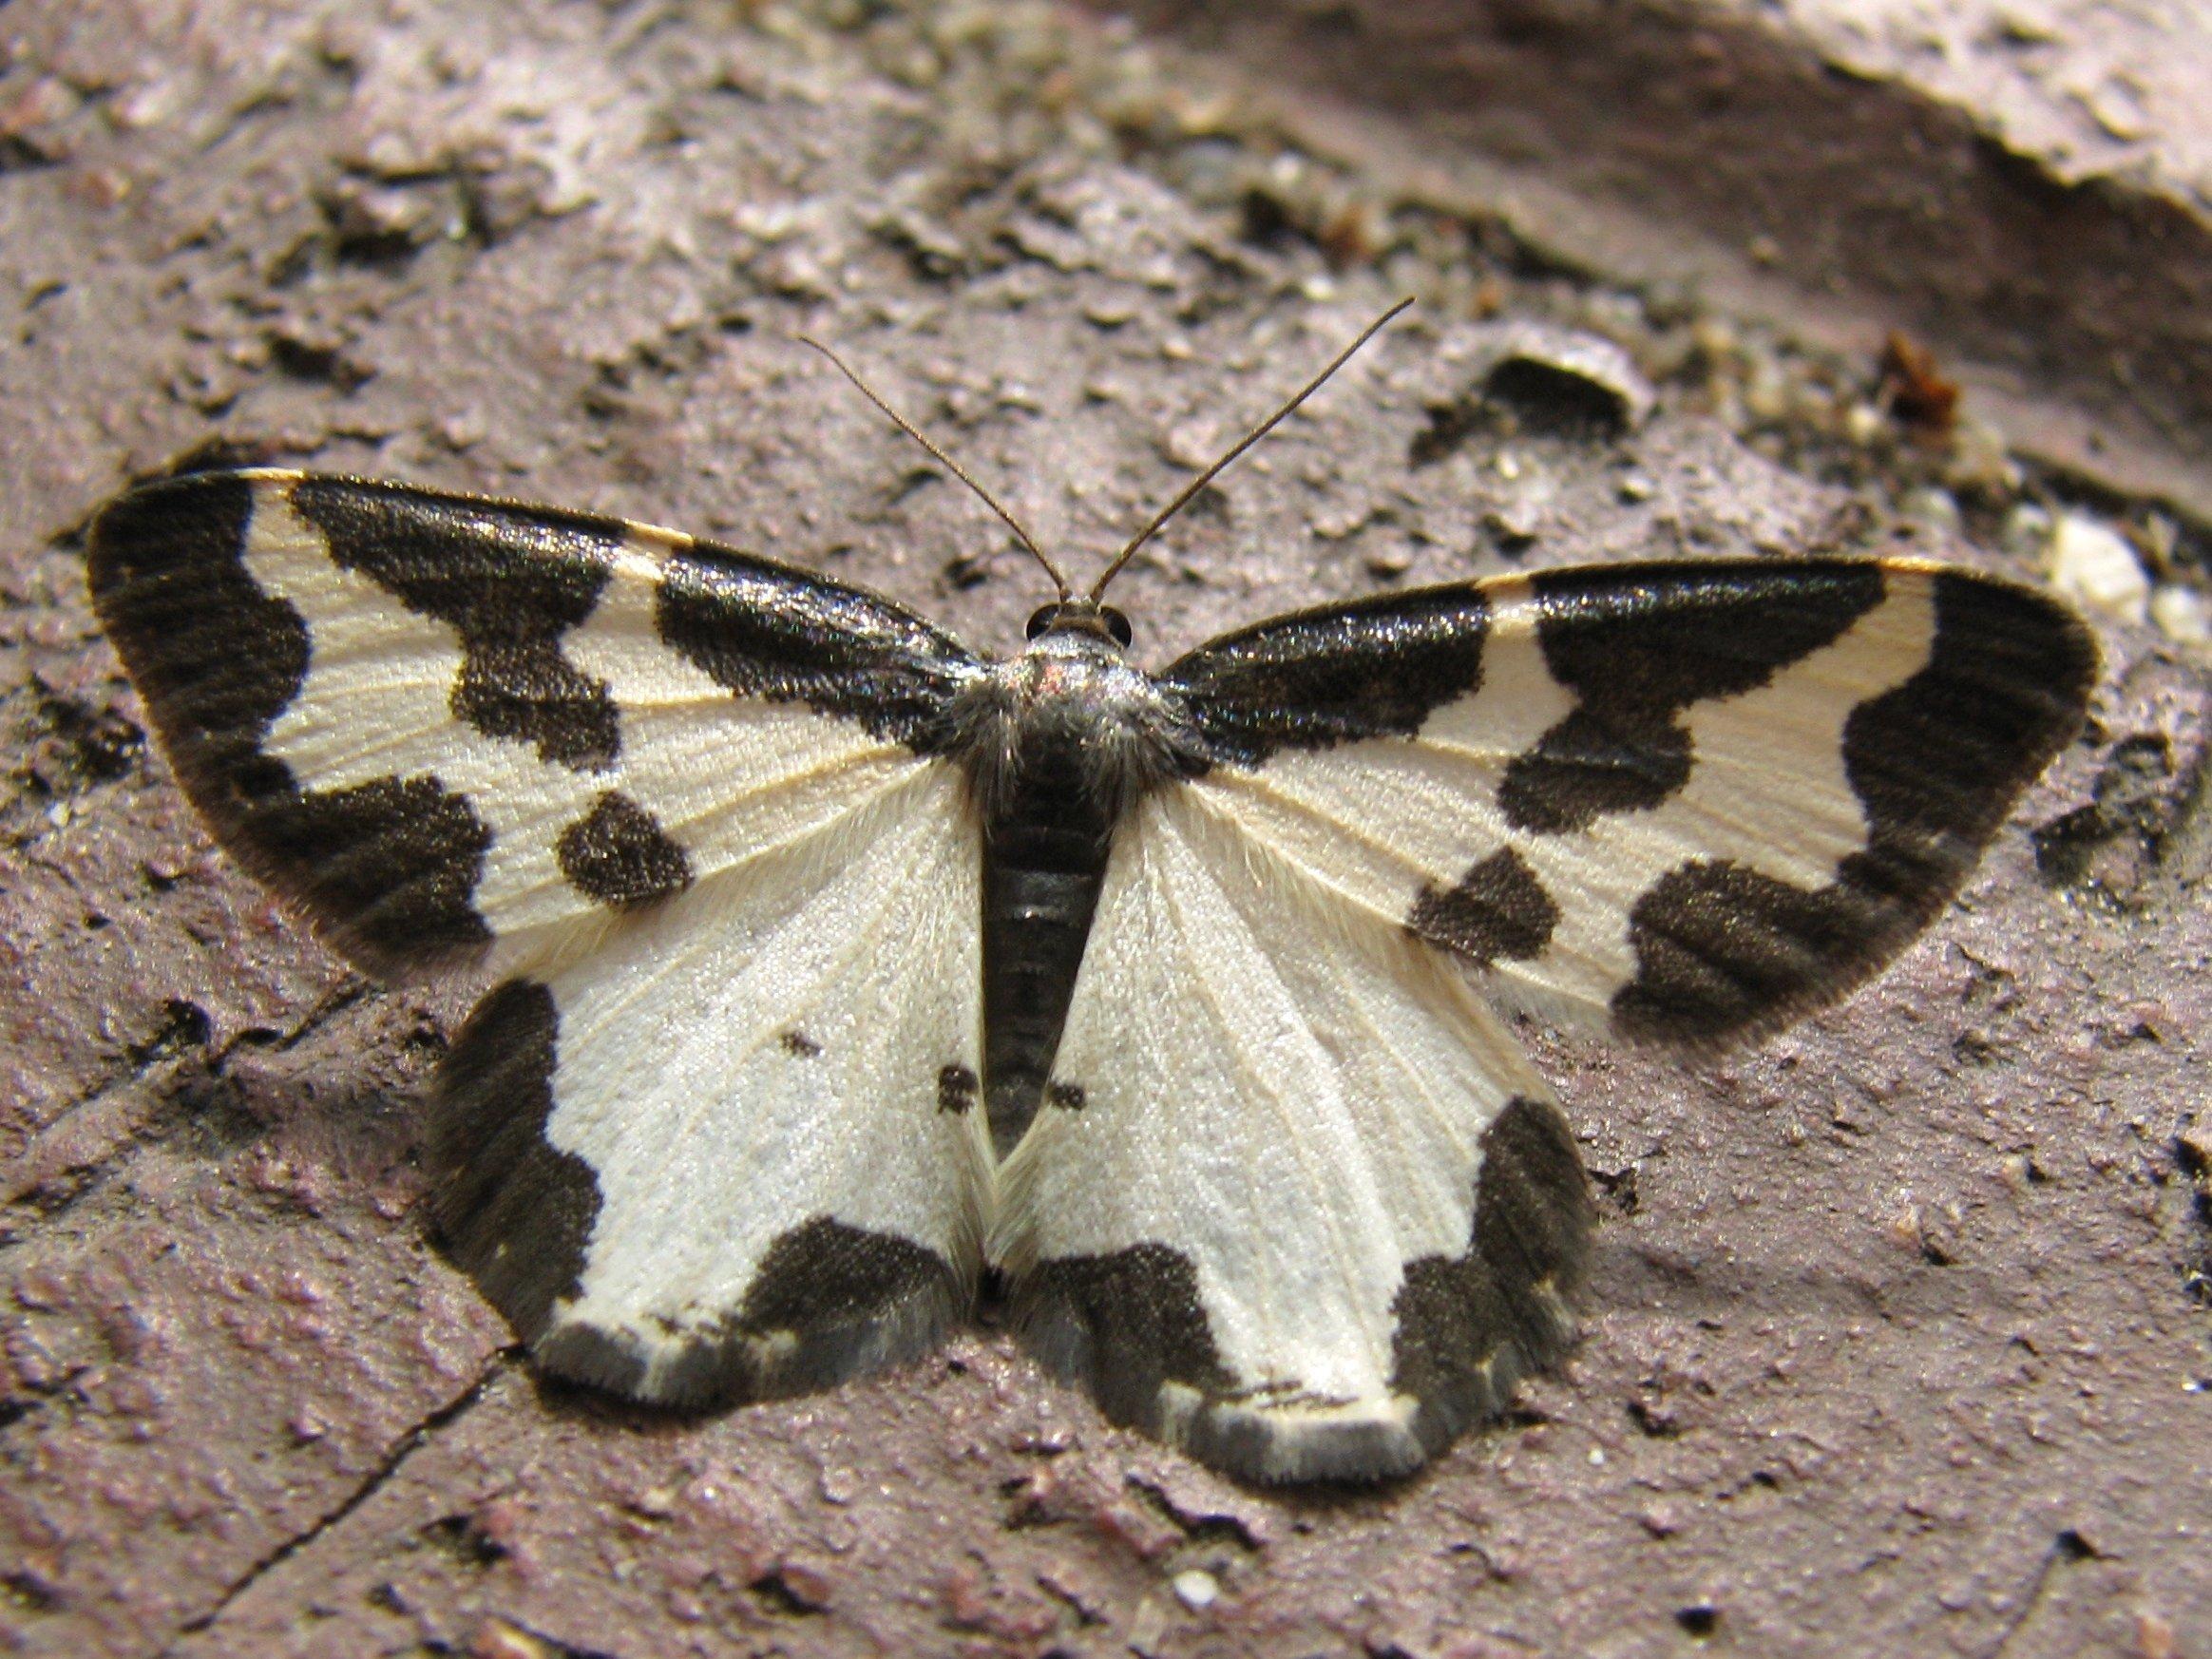 Ein Nachtfalter mit schwarz-weißem Flügelmuster.